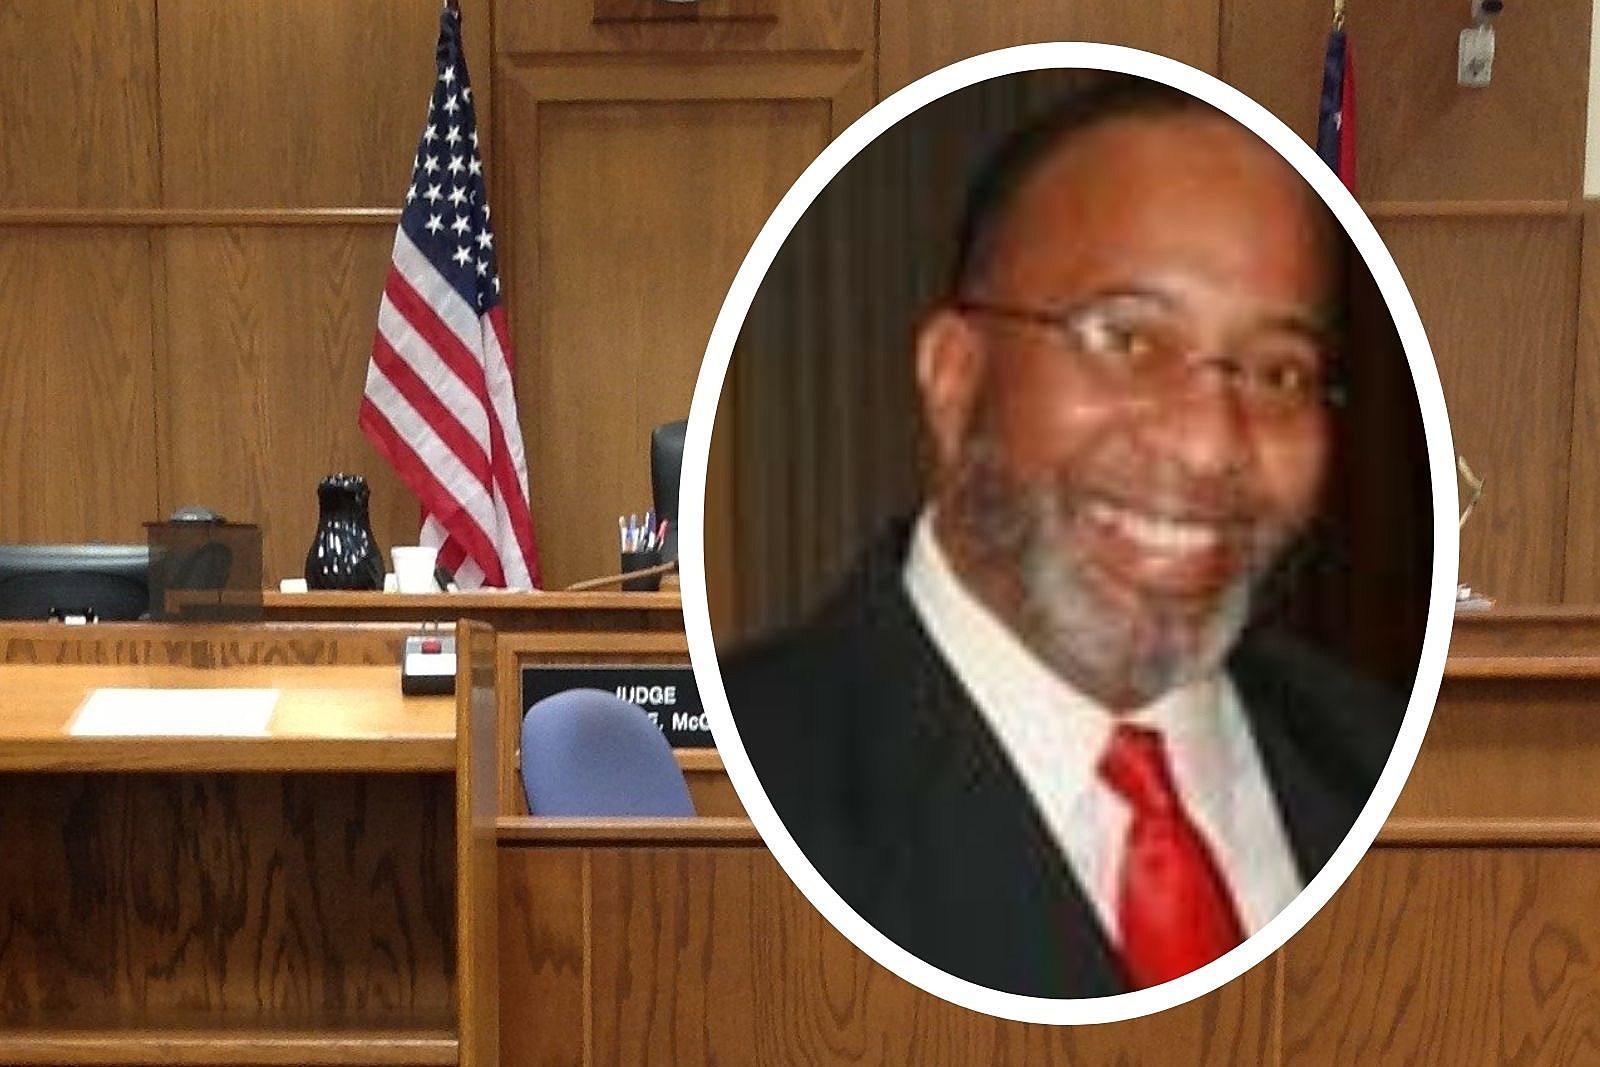 NJ suspends judge who told domestic violence suspect: Men are 'in control'